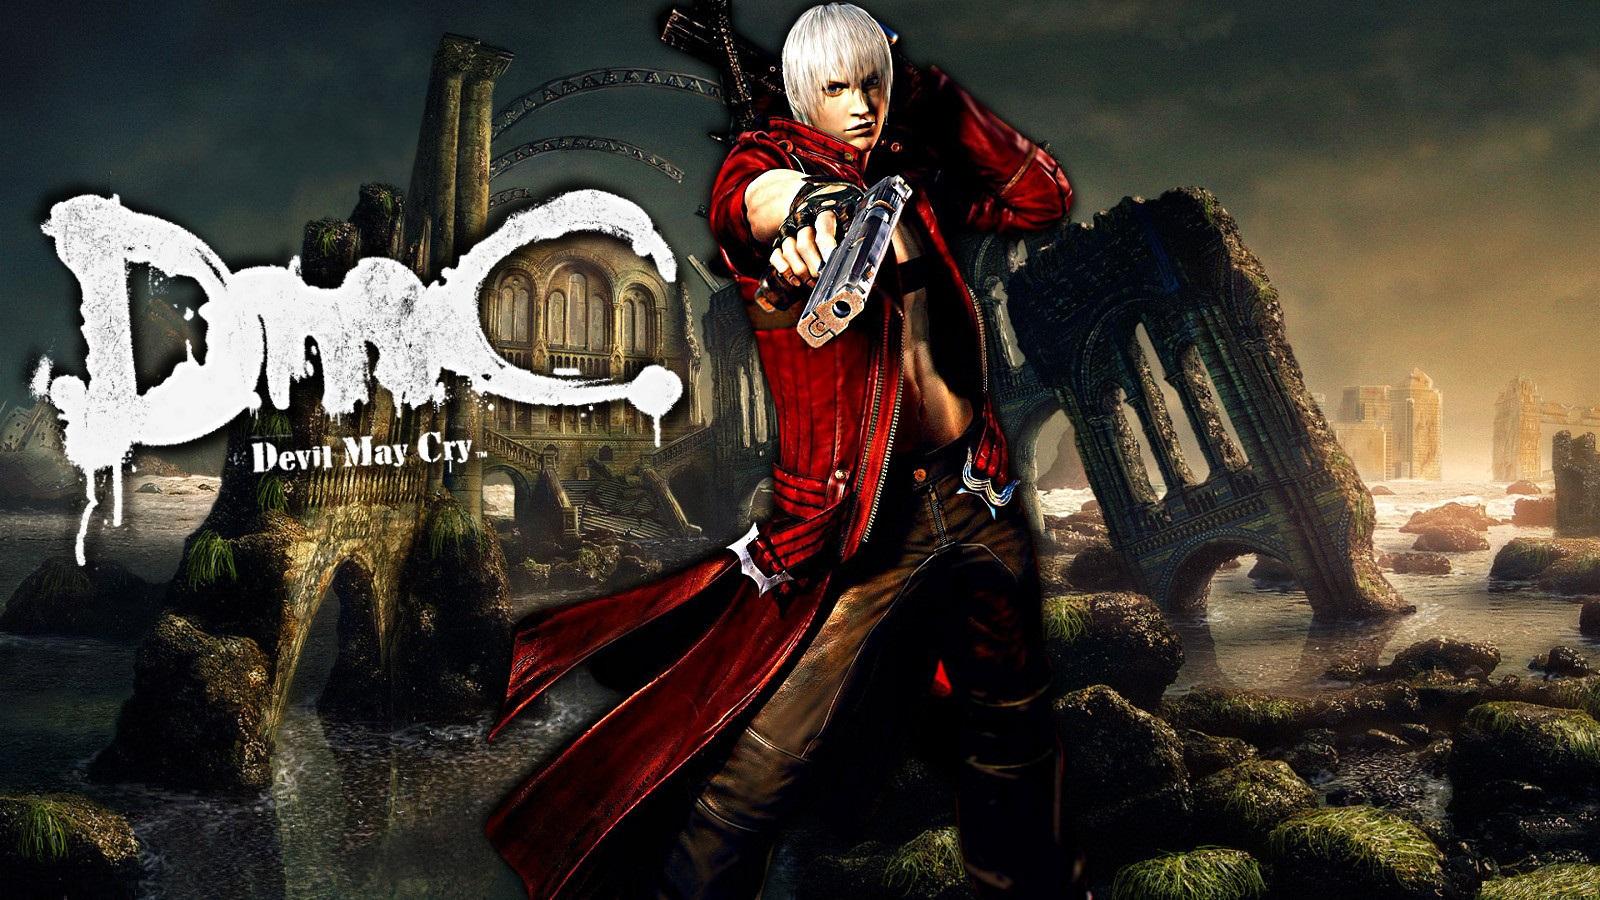 """إشاعة: لعبتي Devil May Cry 5 و Soul Calibur 6 سيتم الكشف عنها بوقت لاحق من هذا العام """"PSX!"""""""